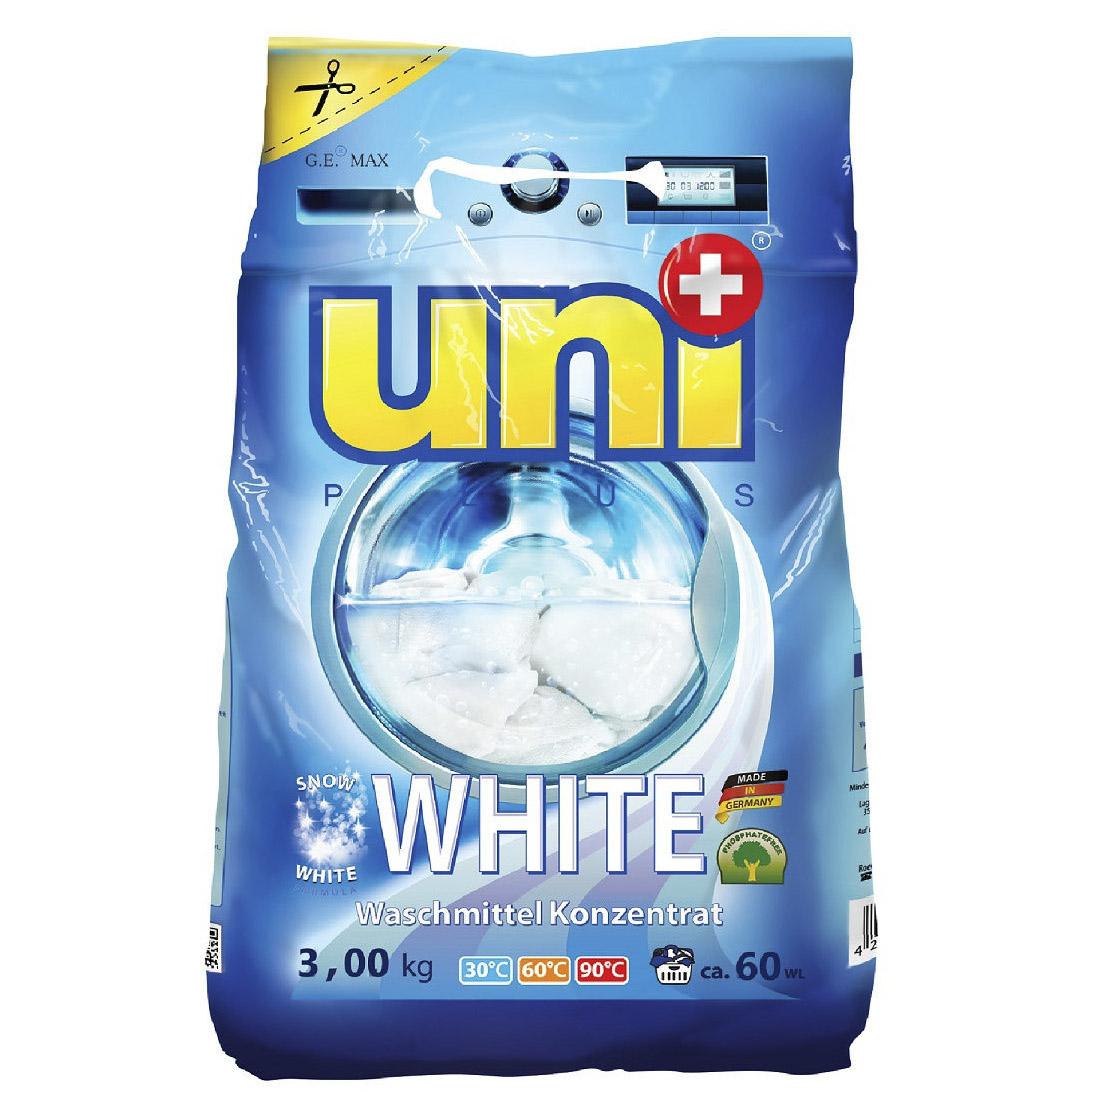 Стиральный порошок UniPlus White концентрированный 3 кг